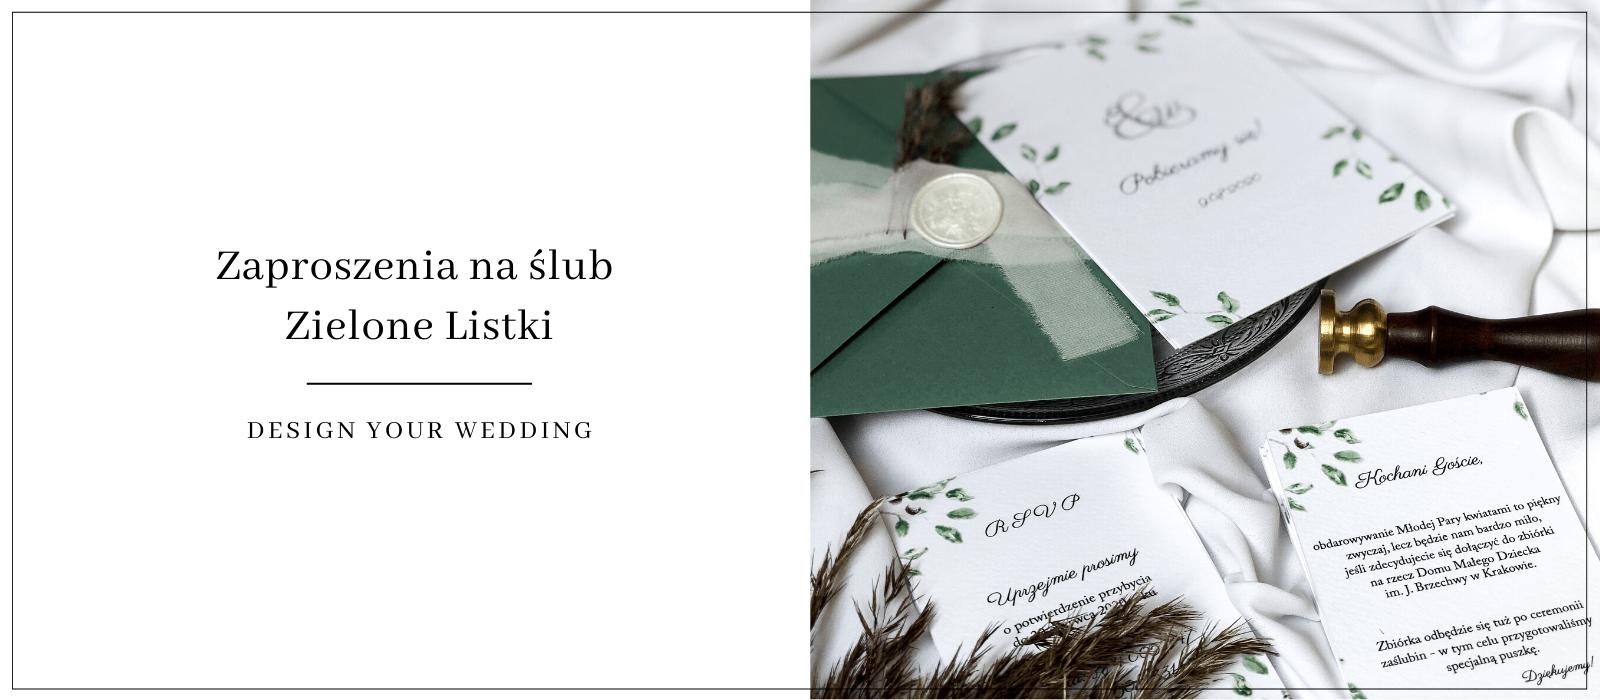 zielone listki zaproszenia Design Your Wedding